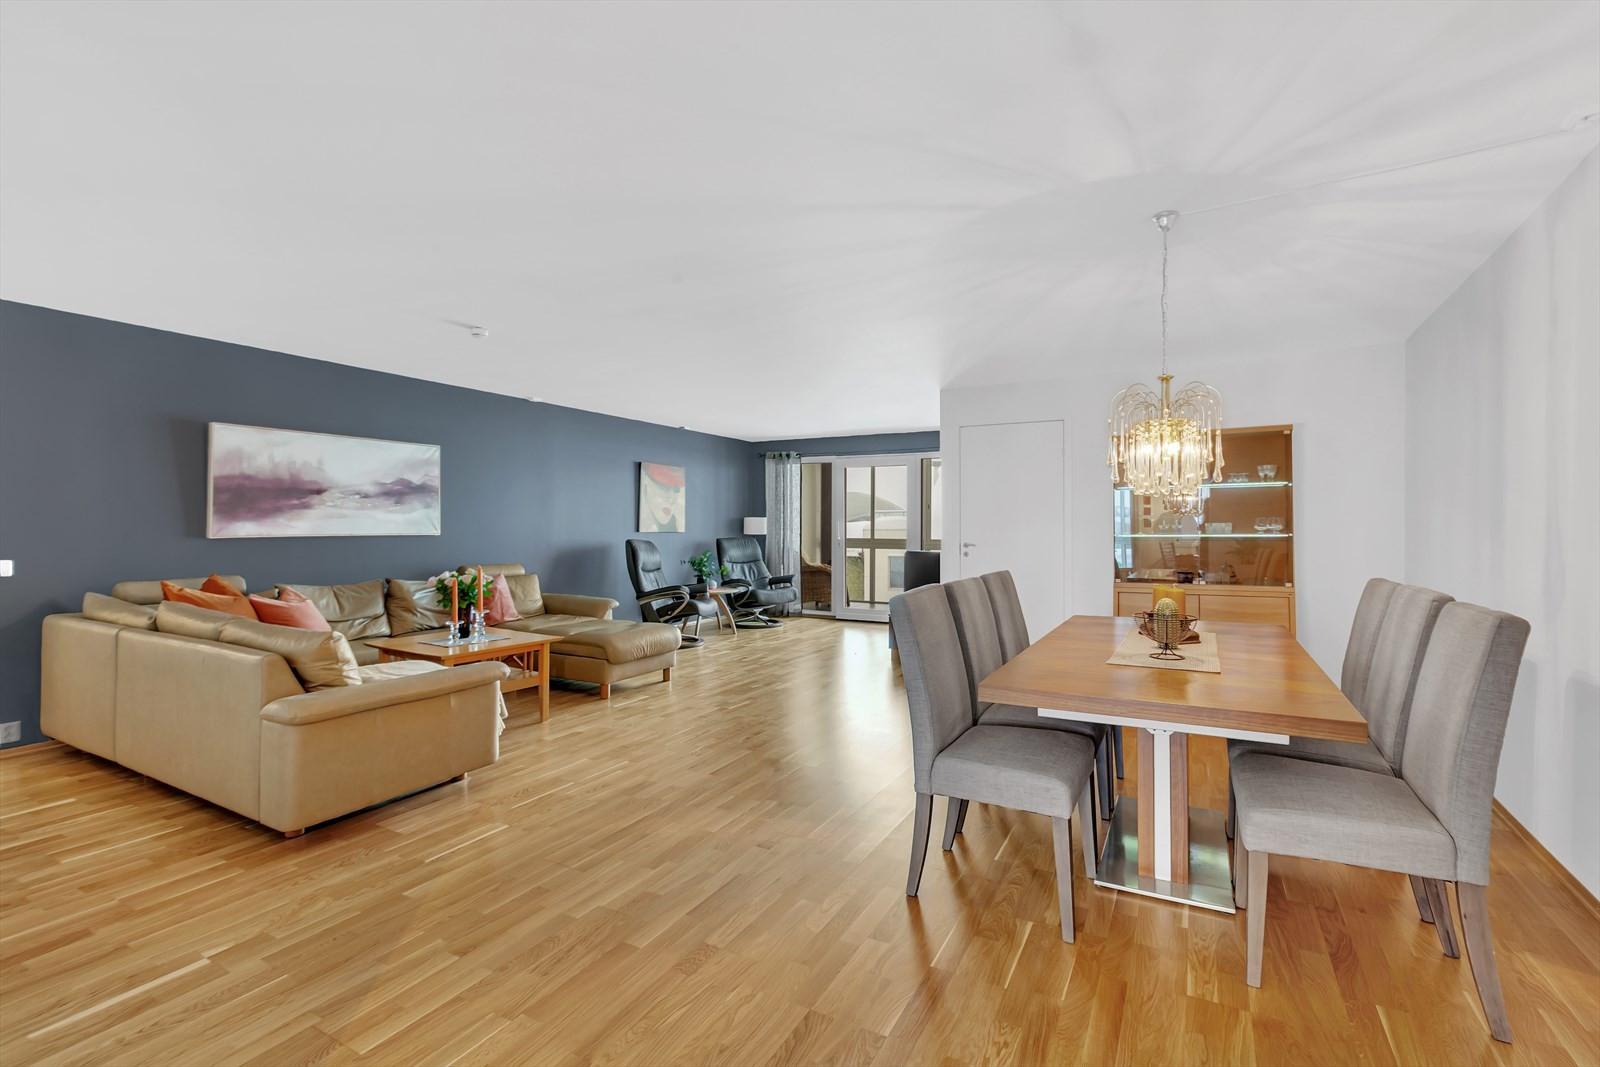 Leiligheten har en meget romslig stue med plass til daglig, TV og spisestue